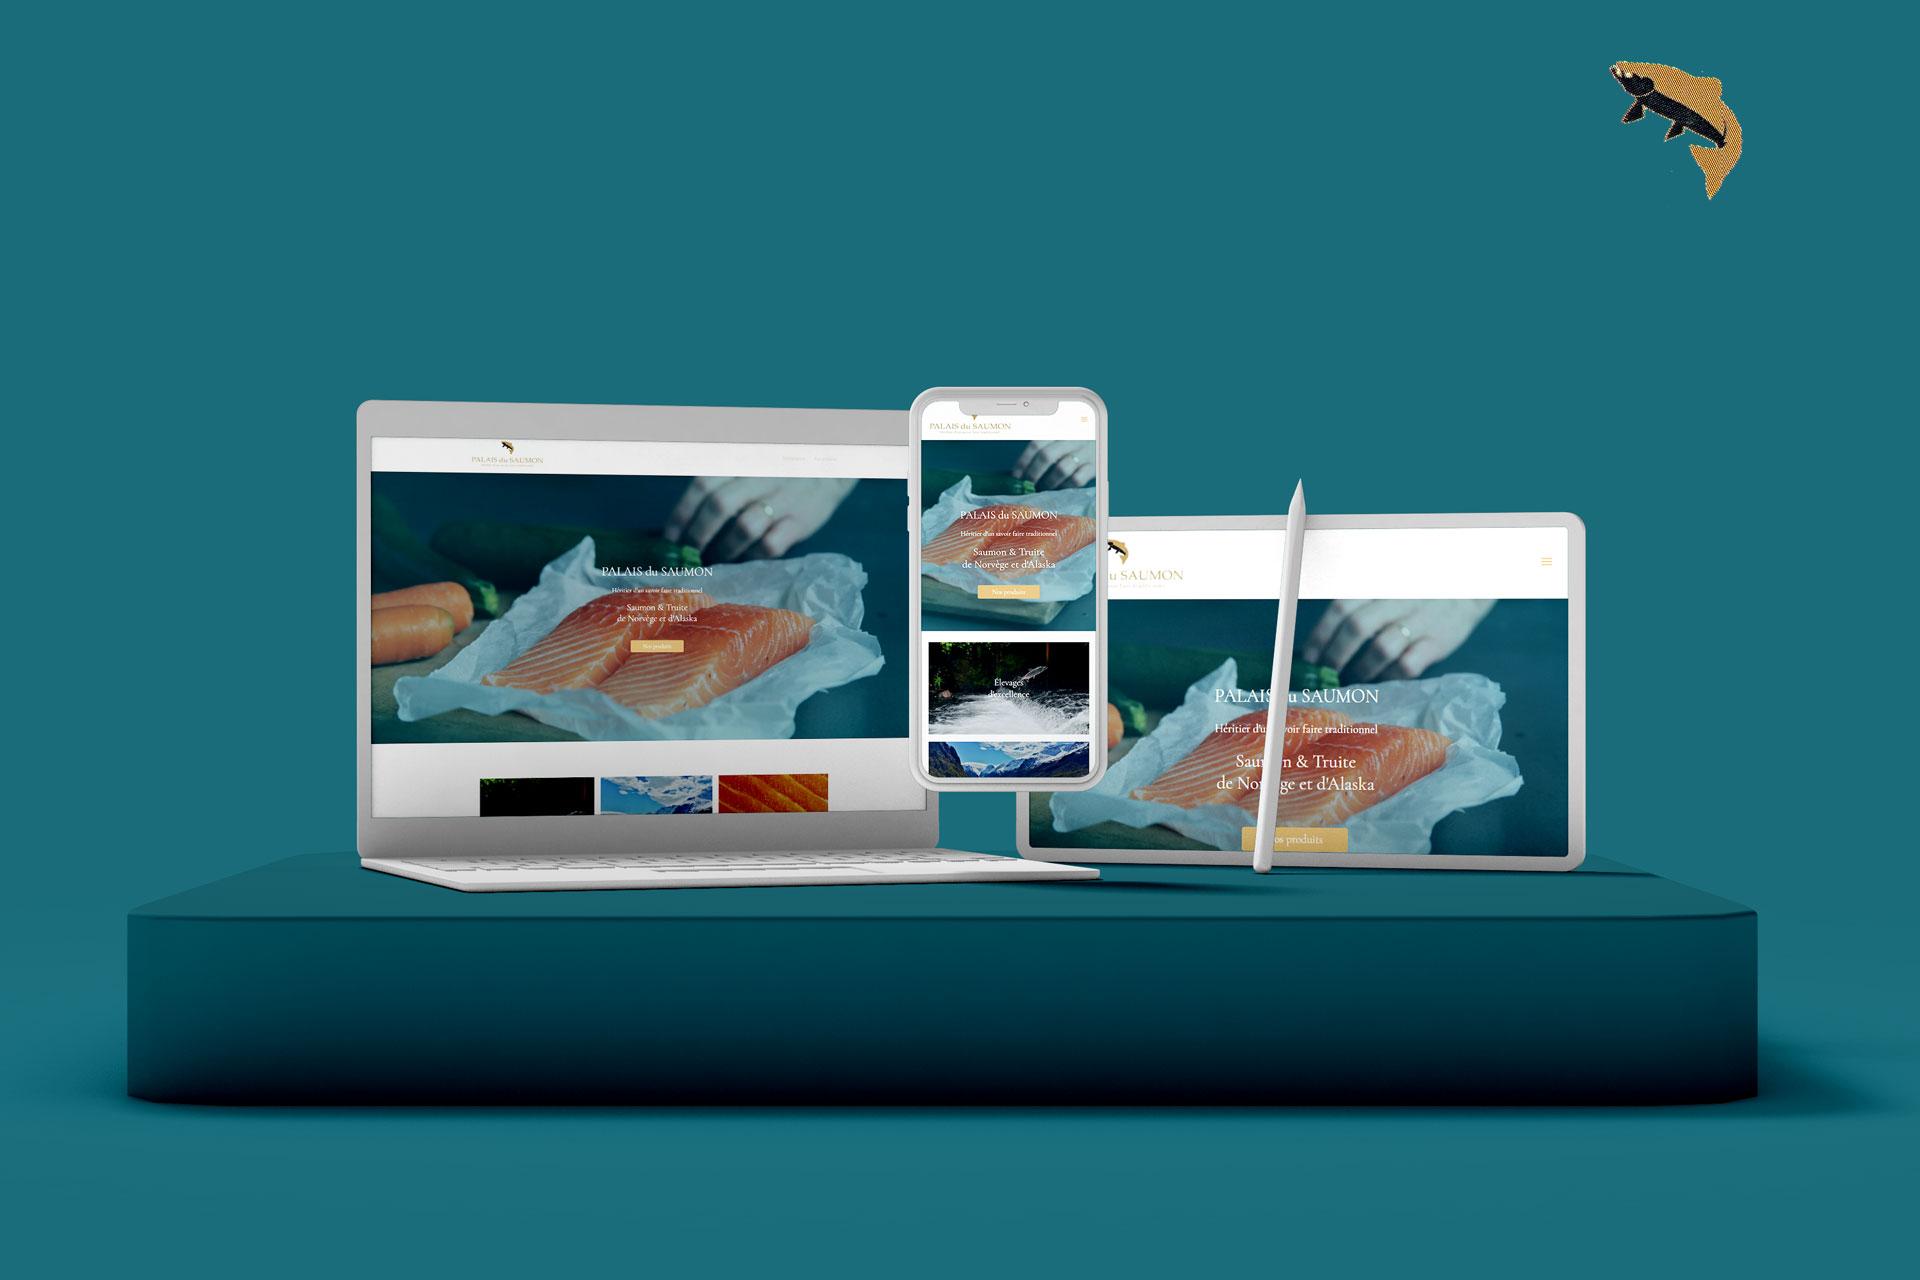 mockup palais du saumon, catalogue de produits de la mer, client d'i-media, agence de communication digitale à Rouen